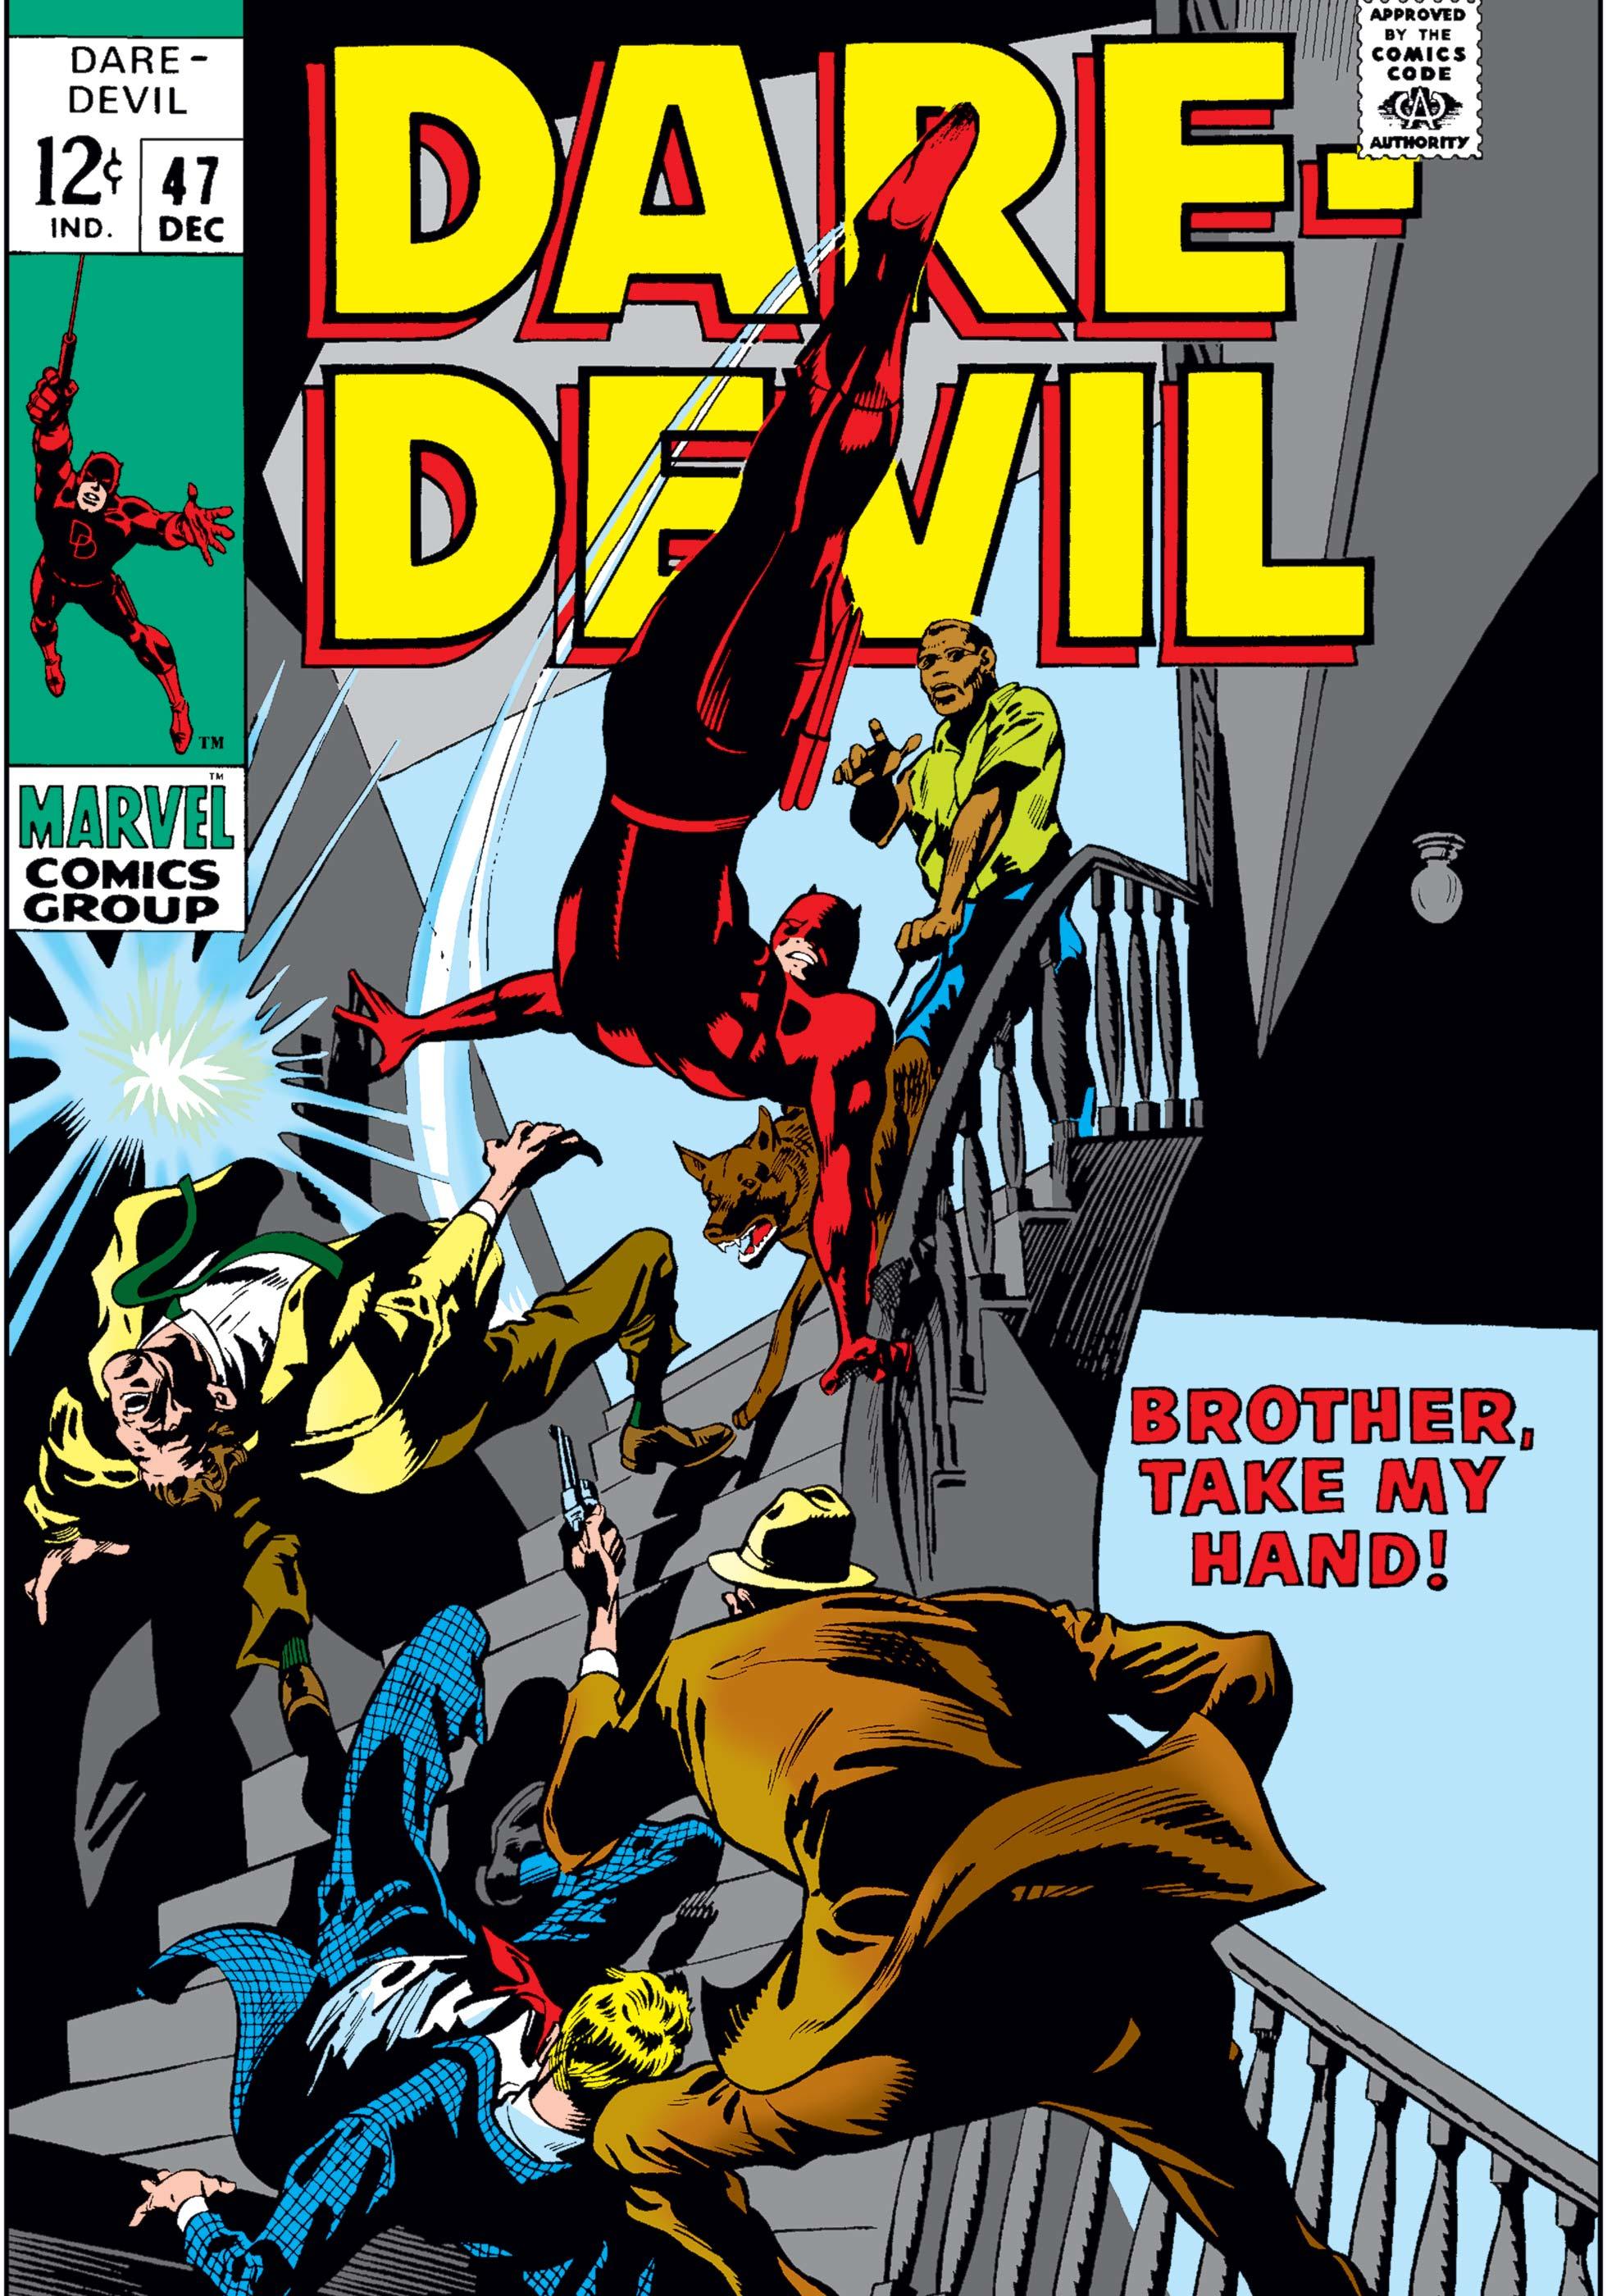 Daredevil (1964) #47